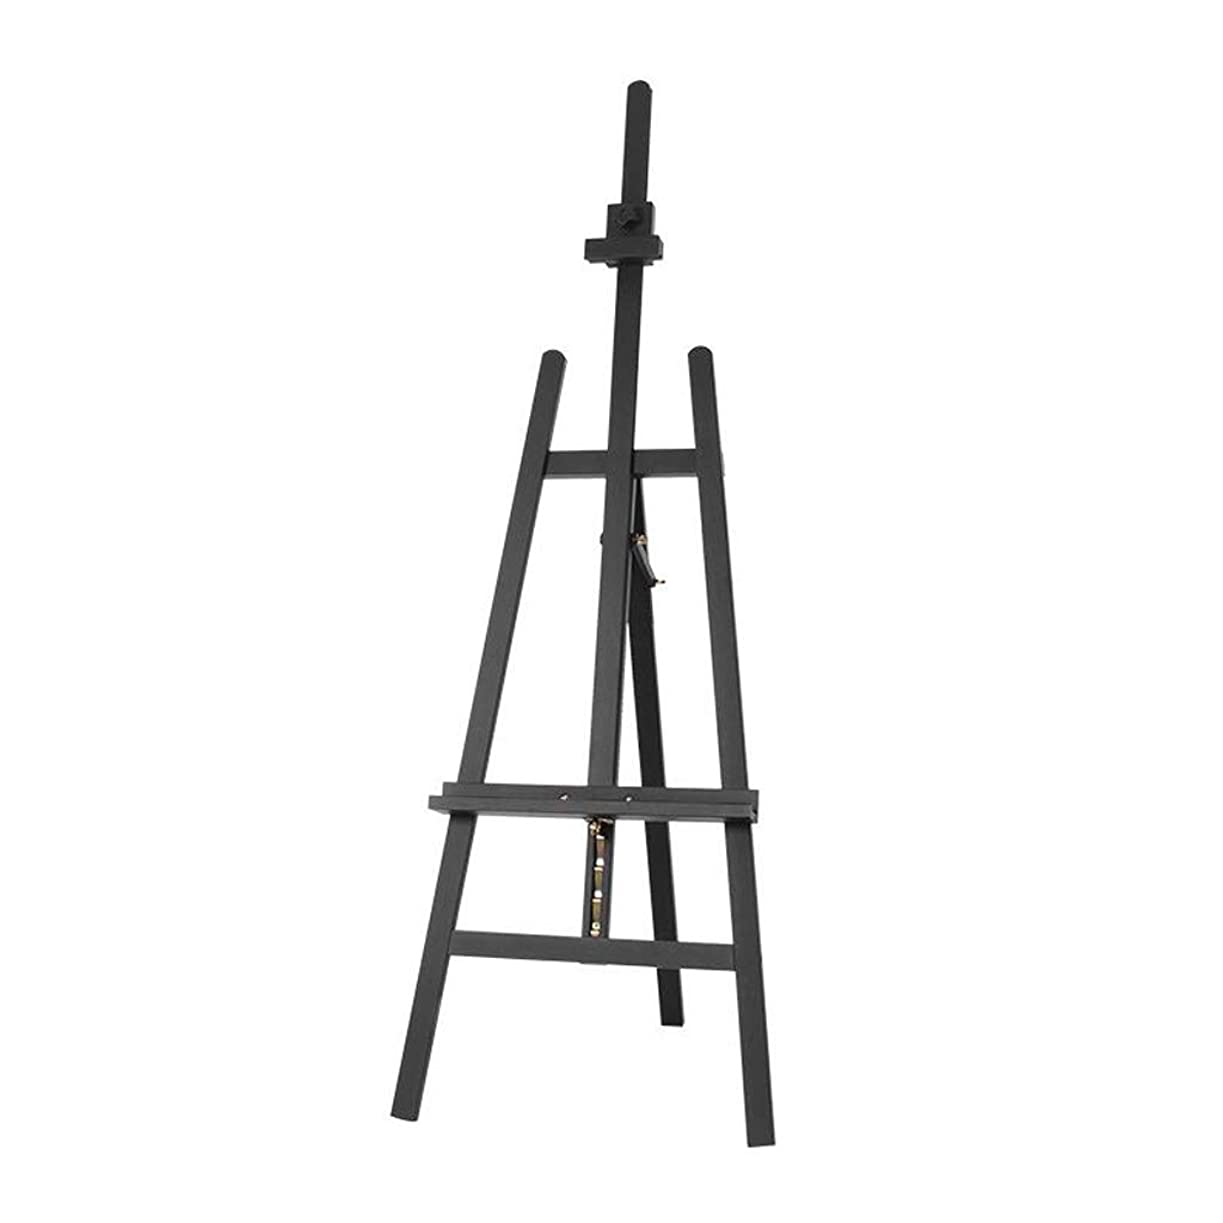 言い訳プライバシーどっちSHWSM 松の背中のサポートイーゼルは、学生の屋内使用のために便利な、上げ下げすることができます57 * 64 * 147(193)cm、黒のクルミの色 イーゼル (色 : ブラック)